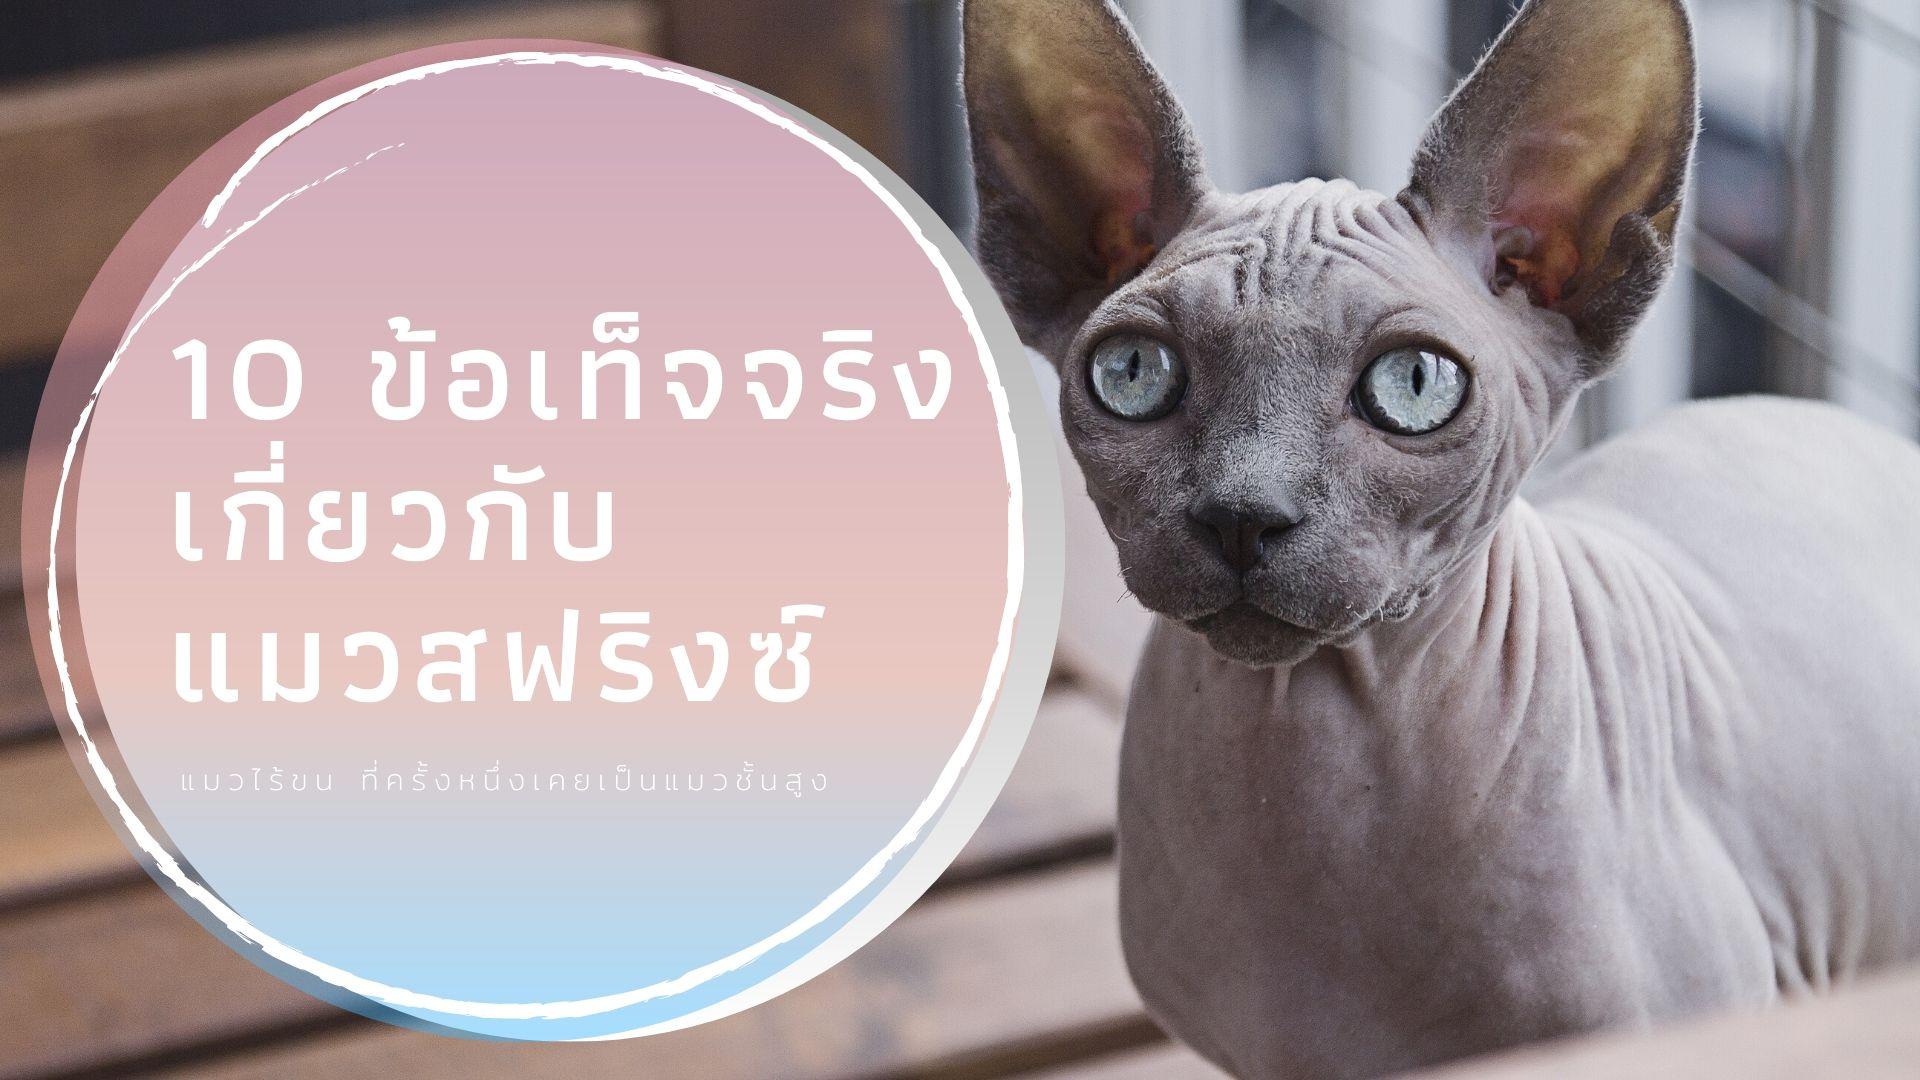 10 ข้อเท็จจริงเกี่ยวกับแมวสฟริงซ์